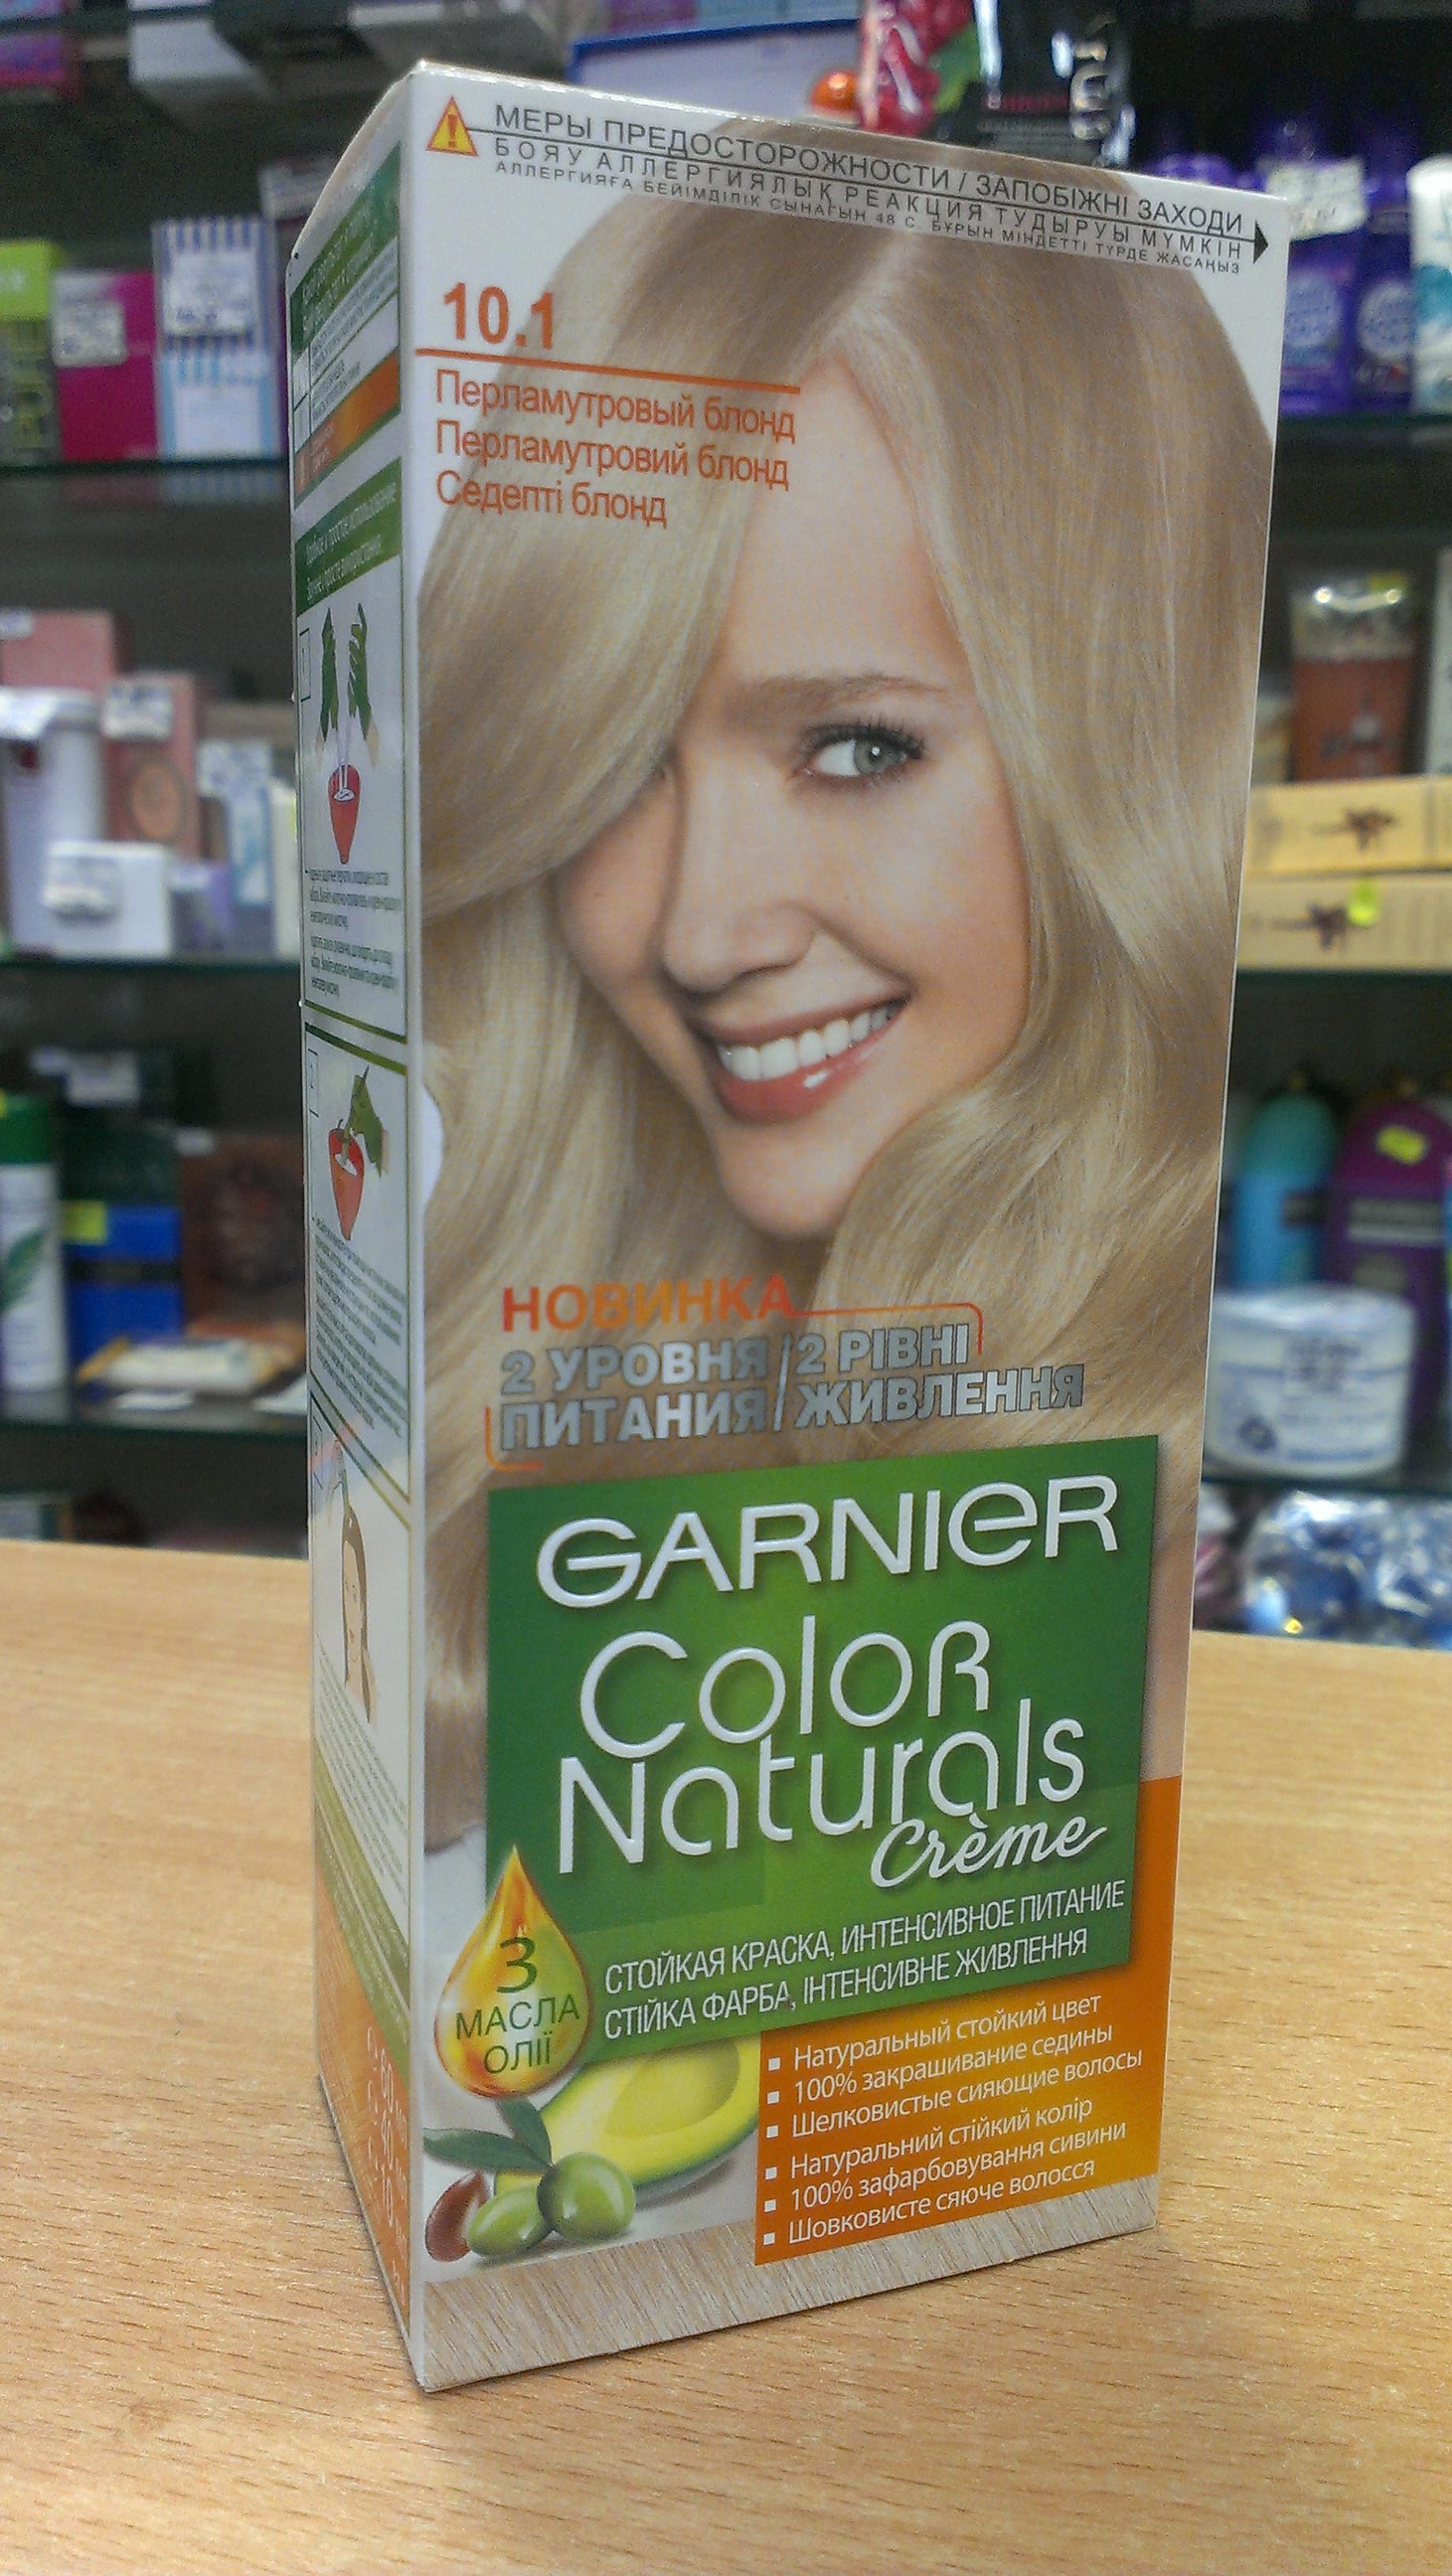 Краска для волос гарньер колор нейчералс палитра цветов отзывы